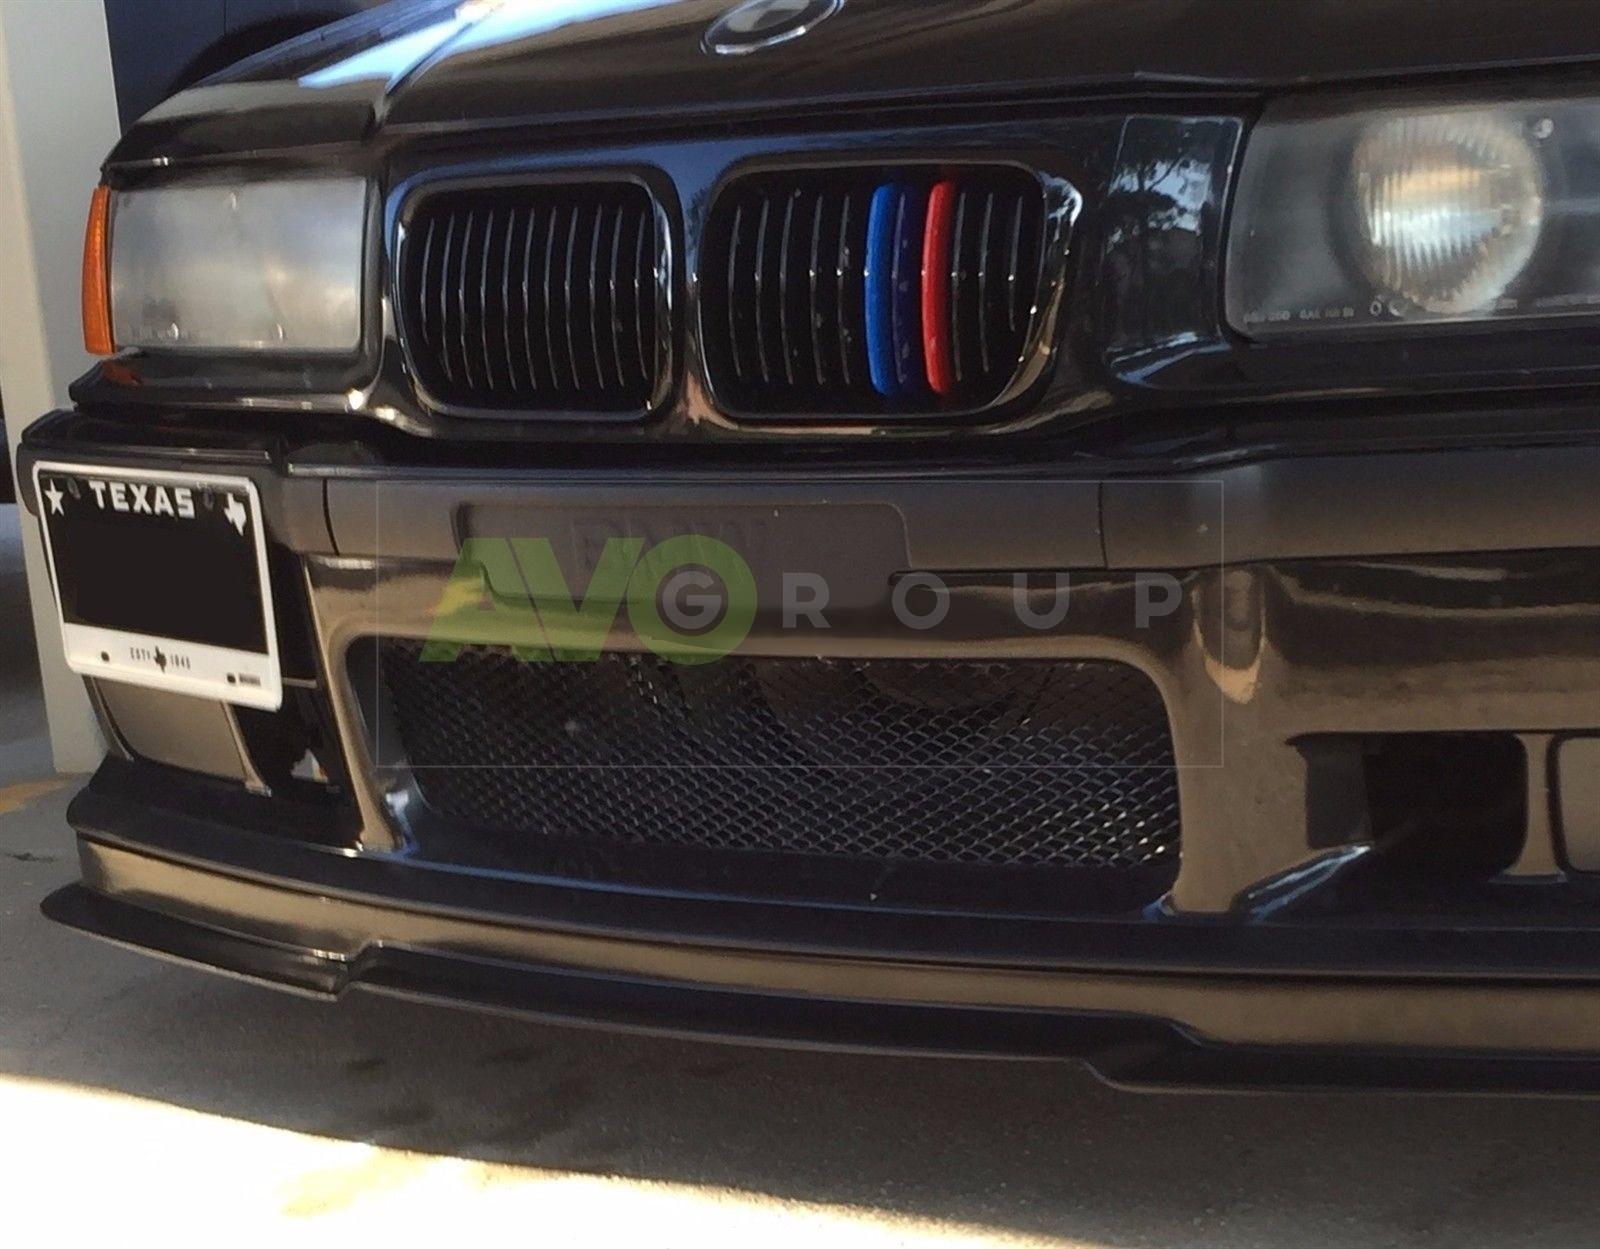 Front Spoiler Splitter For Bmw 3 E36 M3 Gtr 1990 2000 Avogroup Auto Parts Shop Service